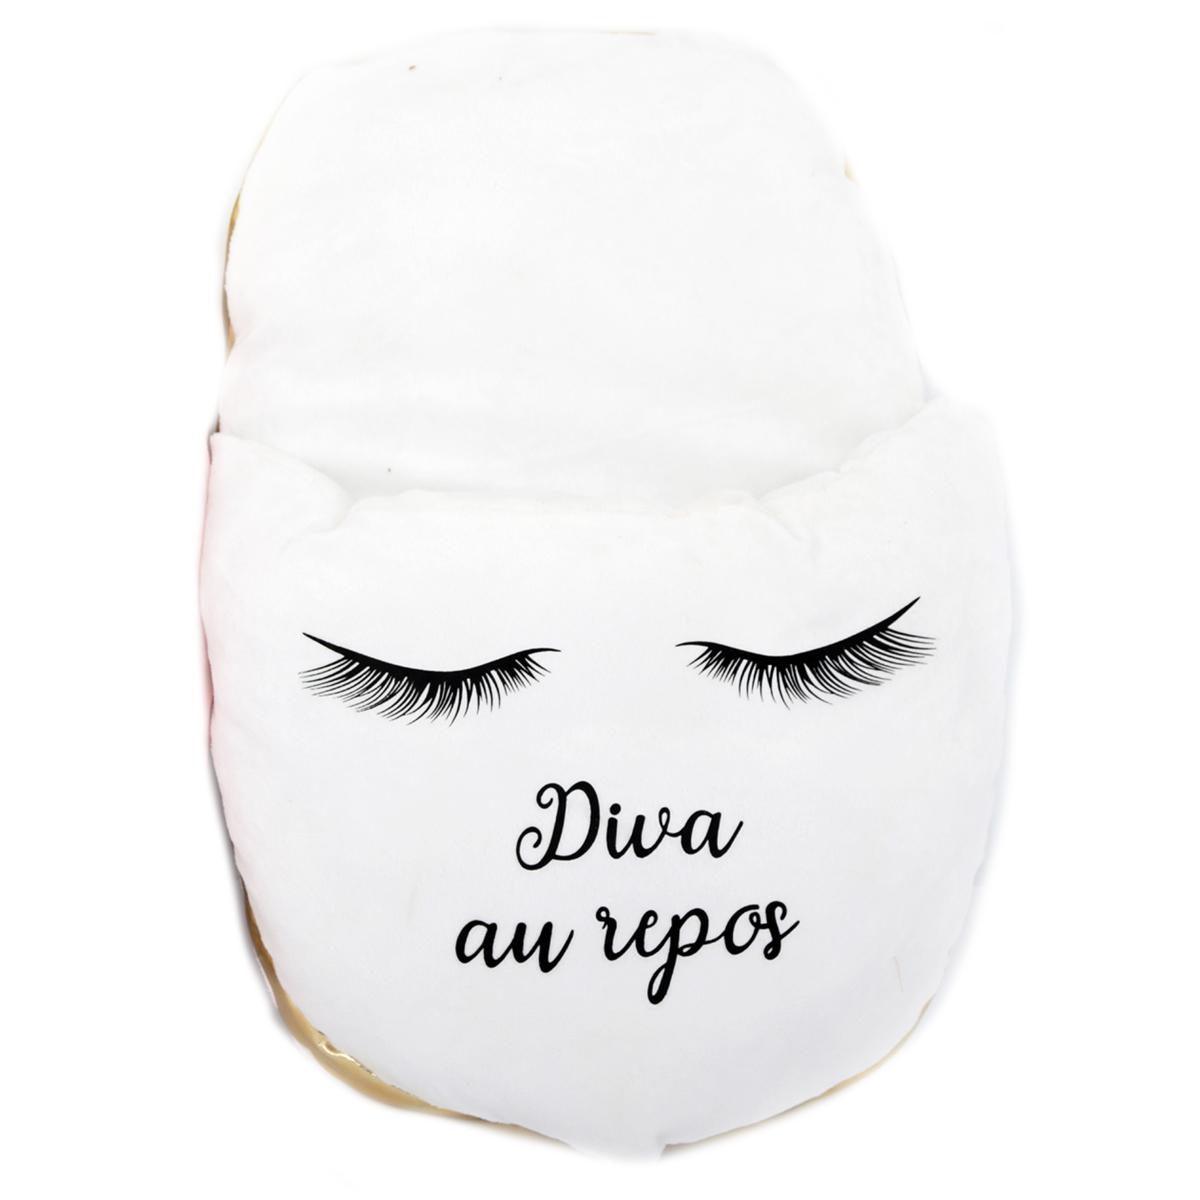 Géant chausson duo \'Diva - Yeux Endormis\' blanc (Diva au repos) - 40x26 cm - [R0924]